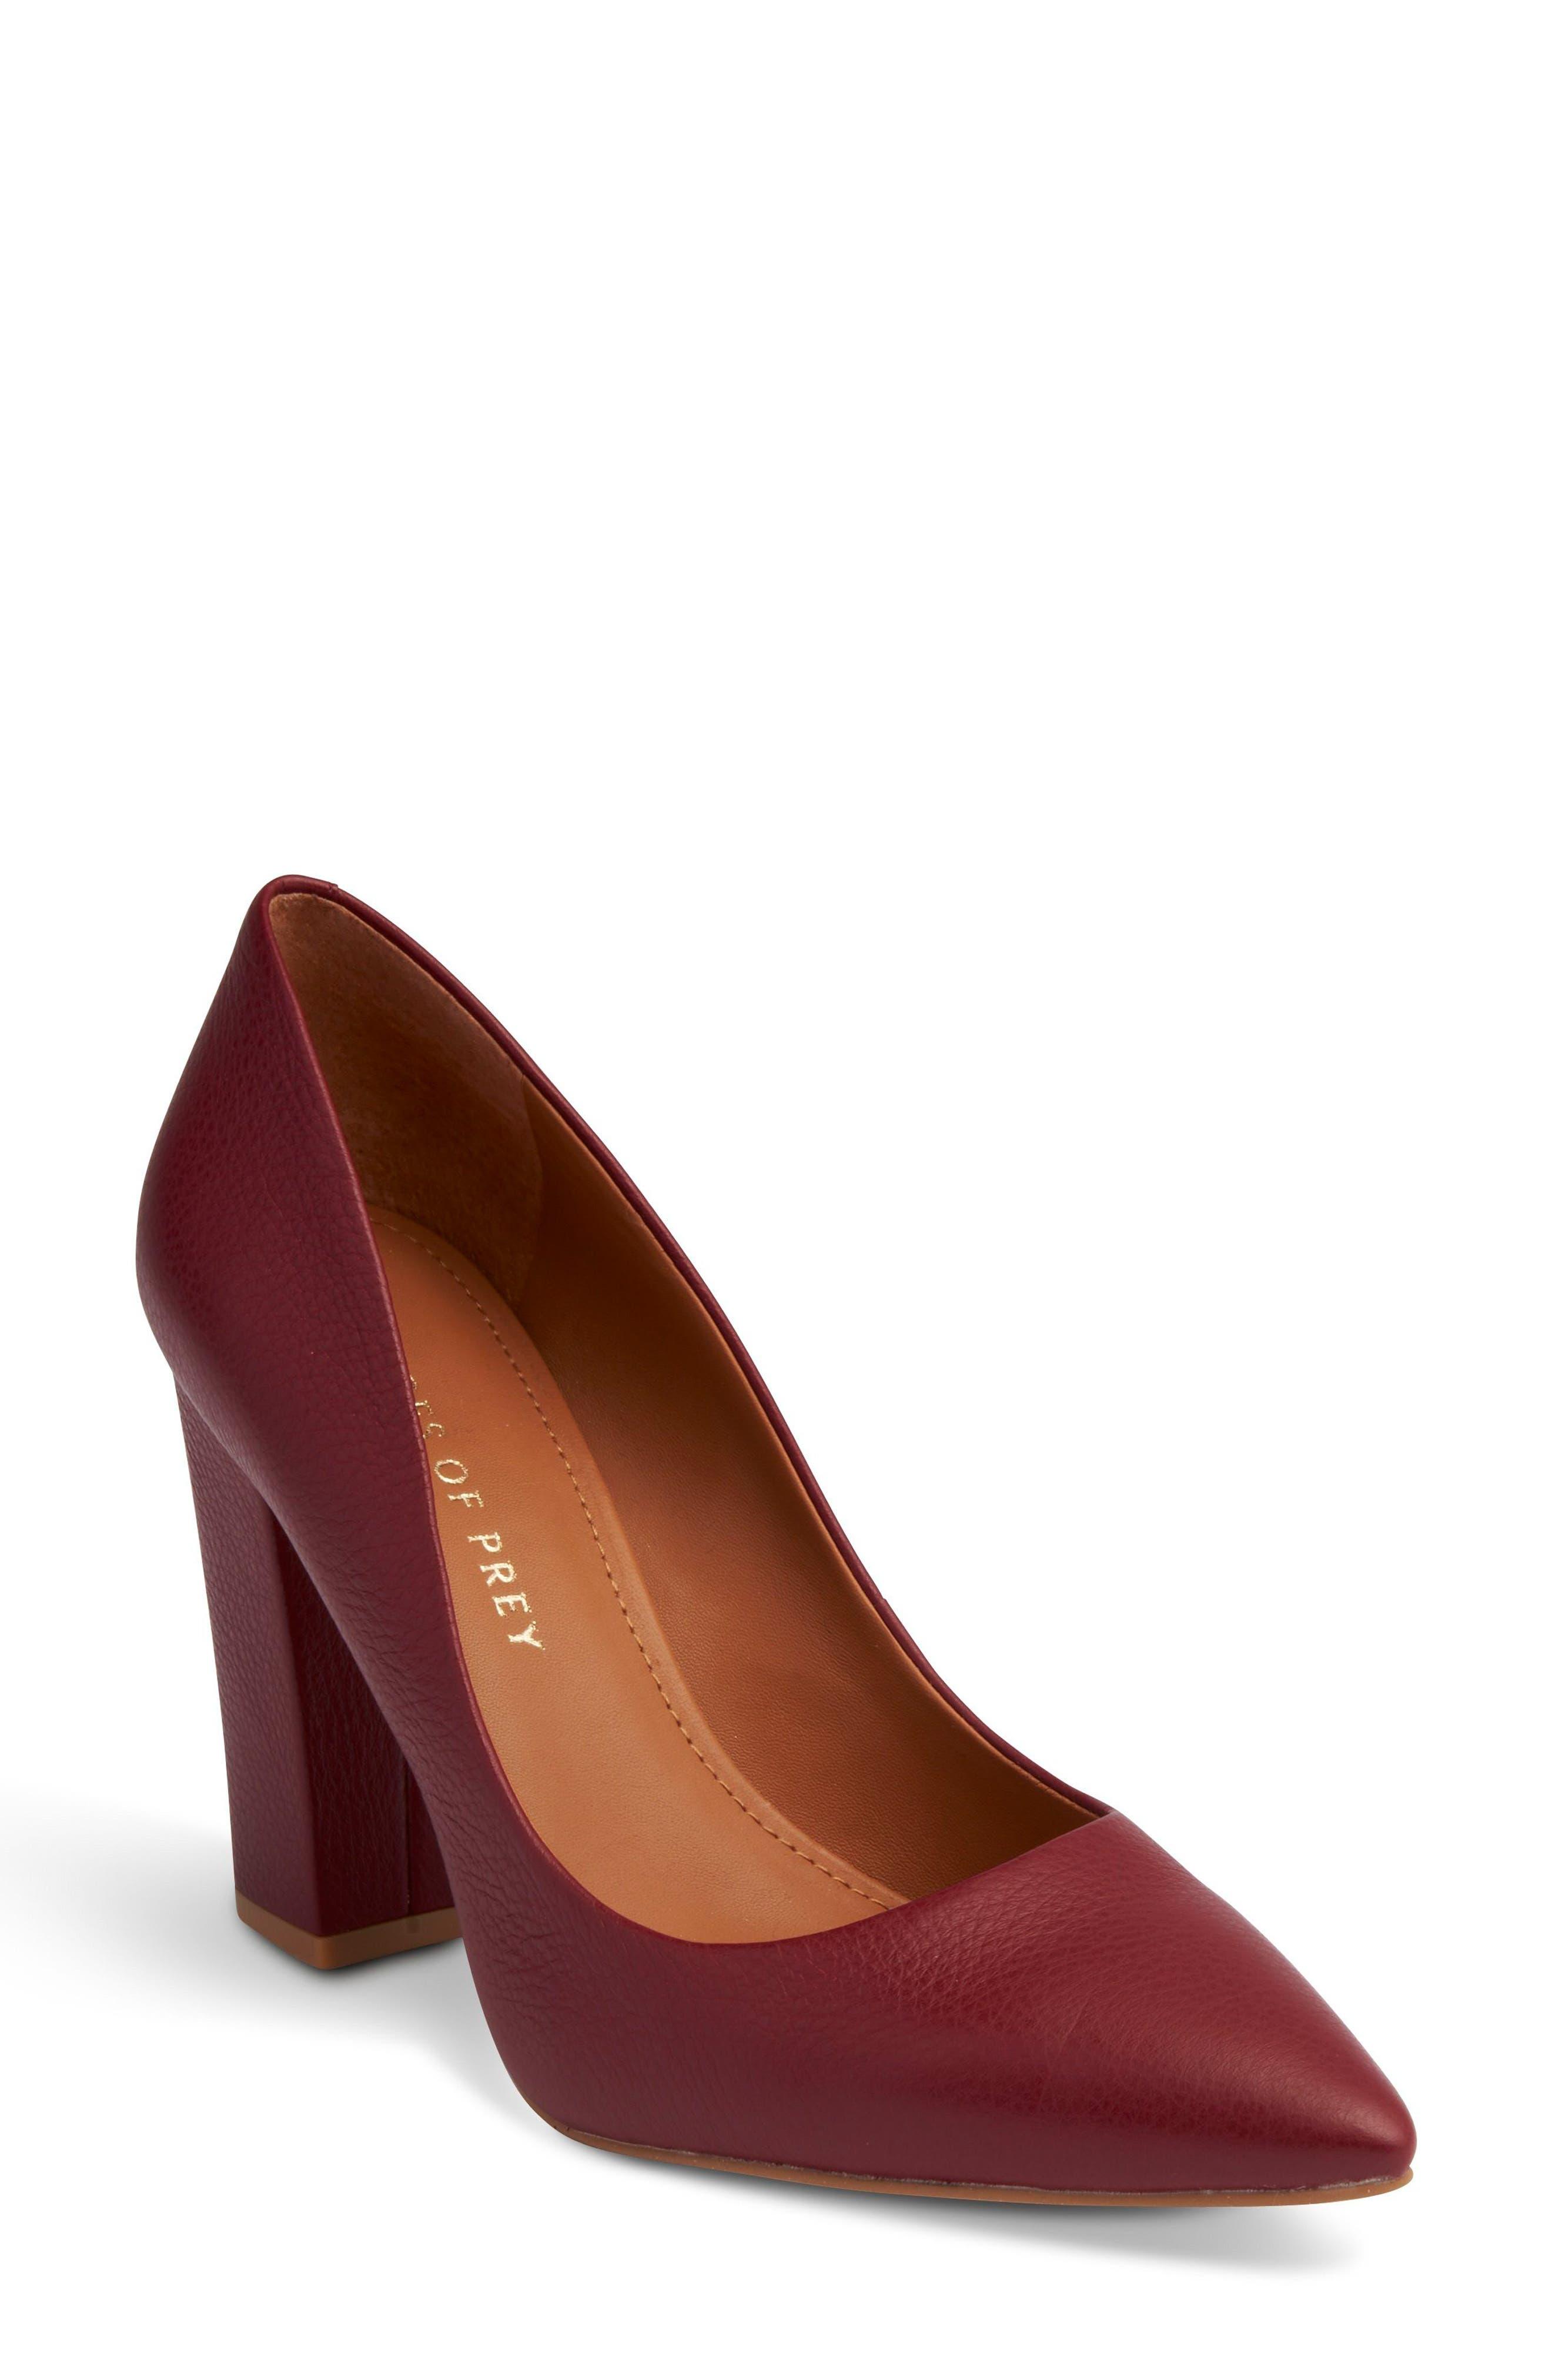 Main Image - Shoes of Prey Block Heel Pump (Women)